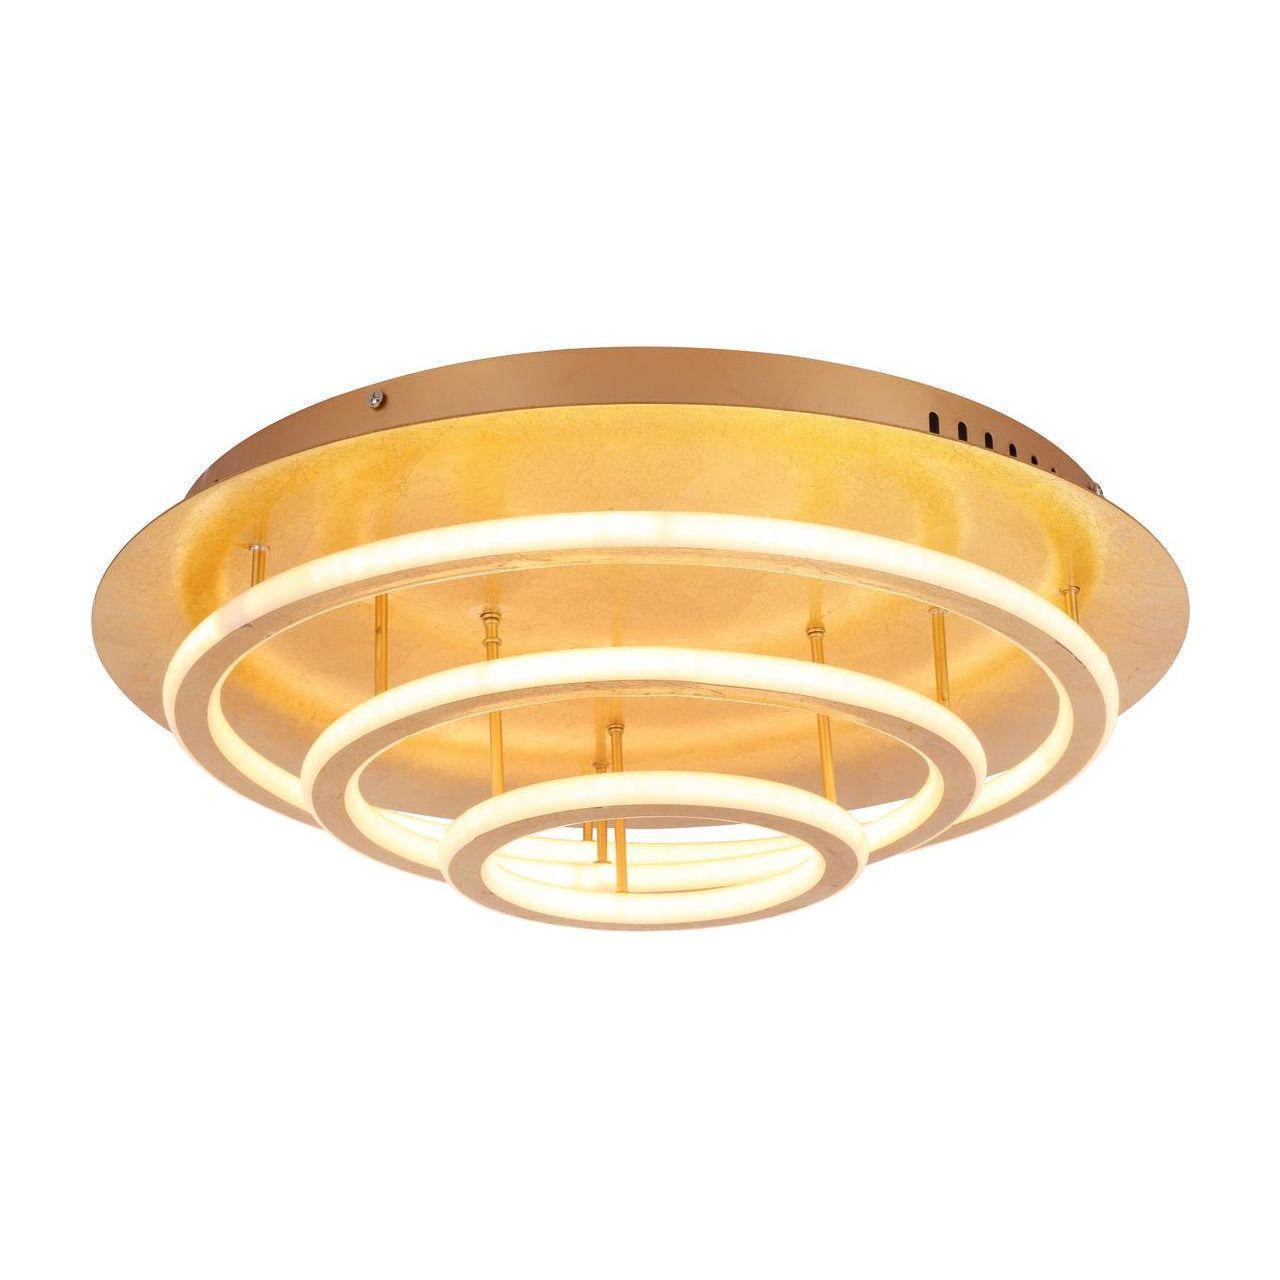 Потолочный светодиодный светильник Globo Arryn 49252-100G other 100g